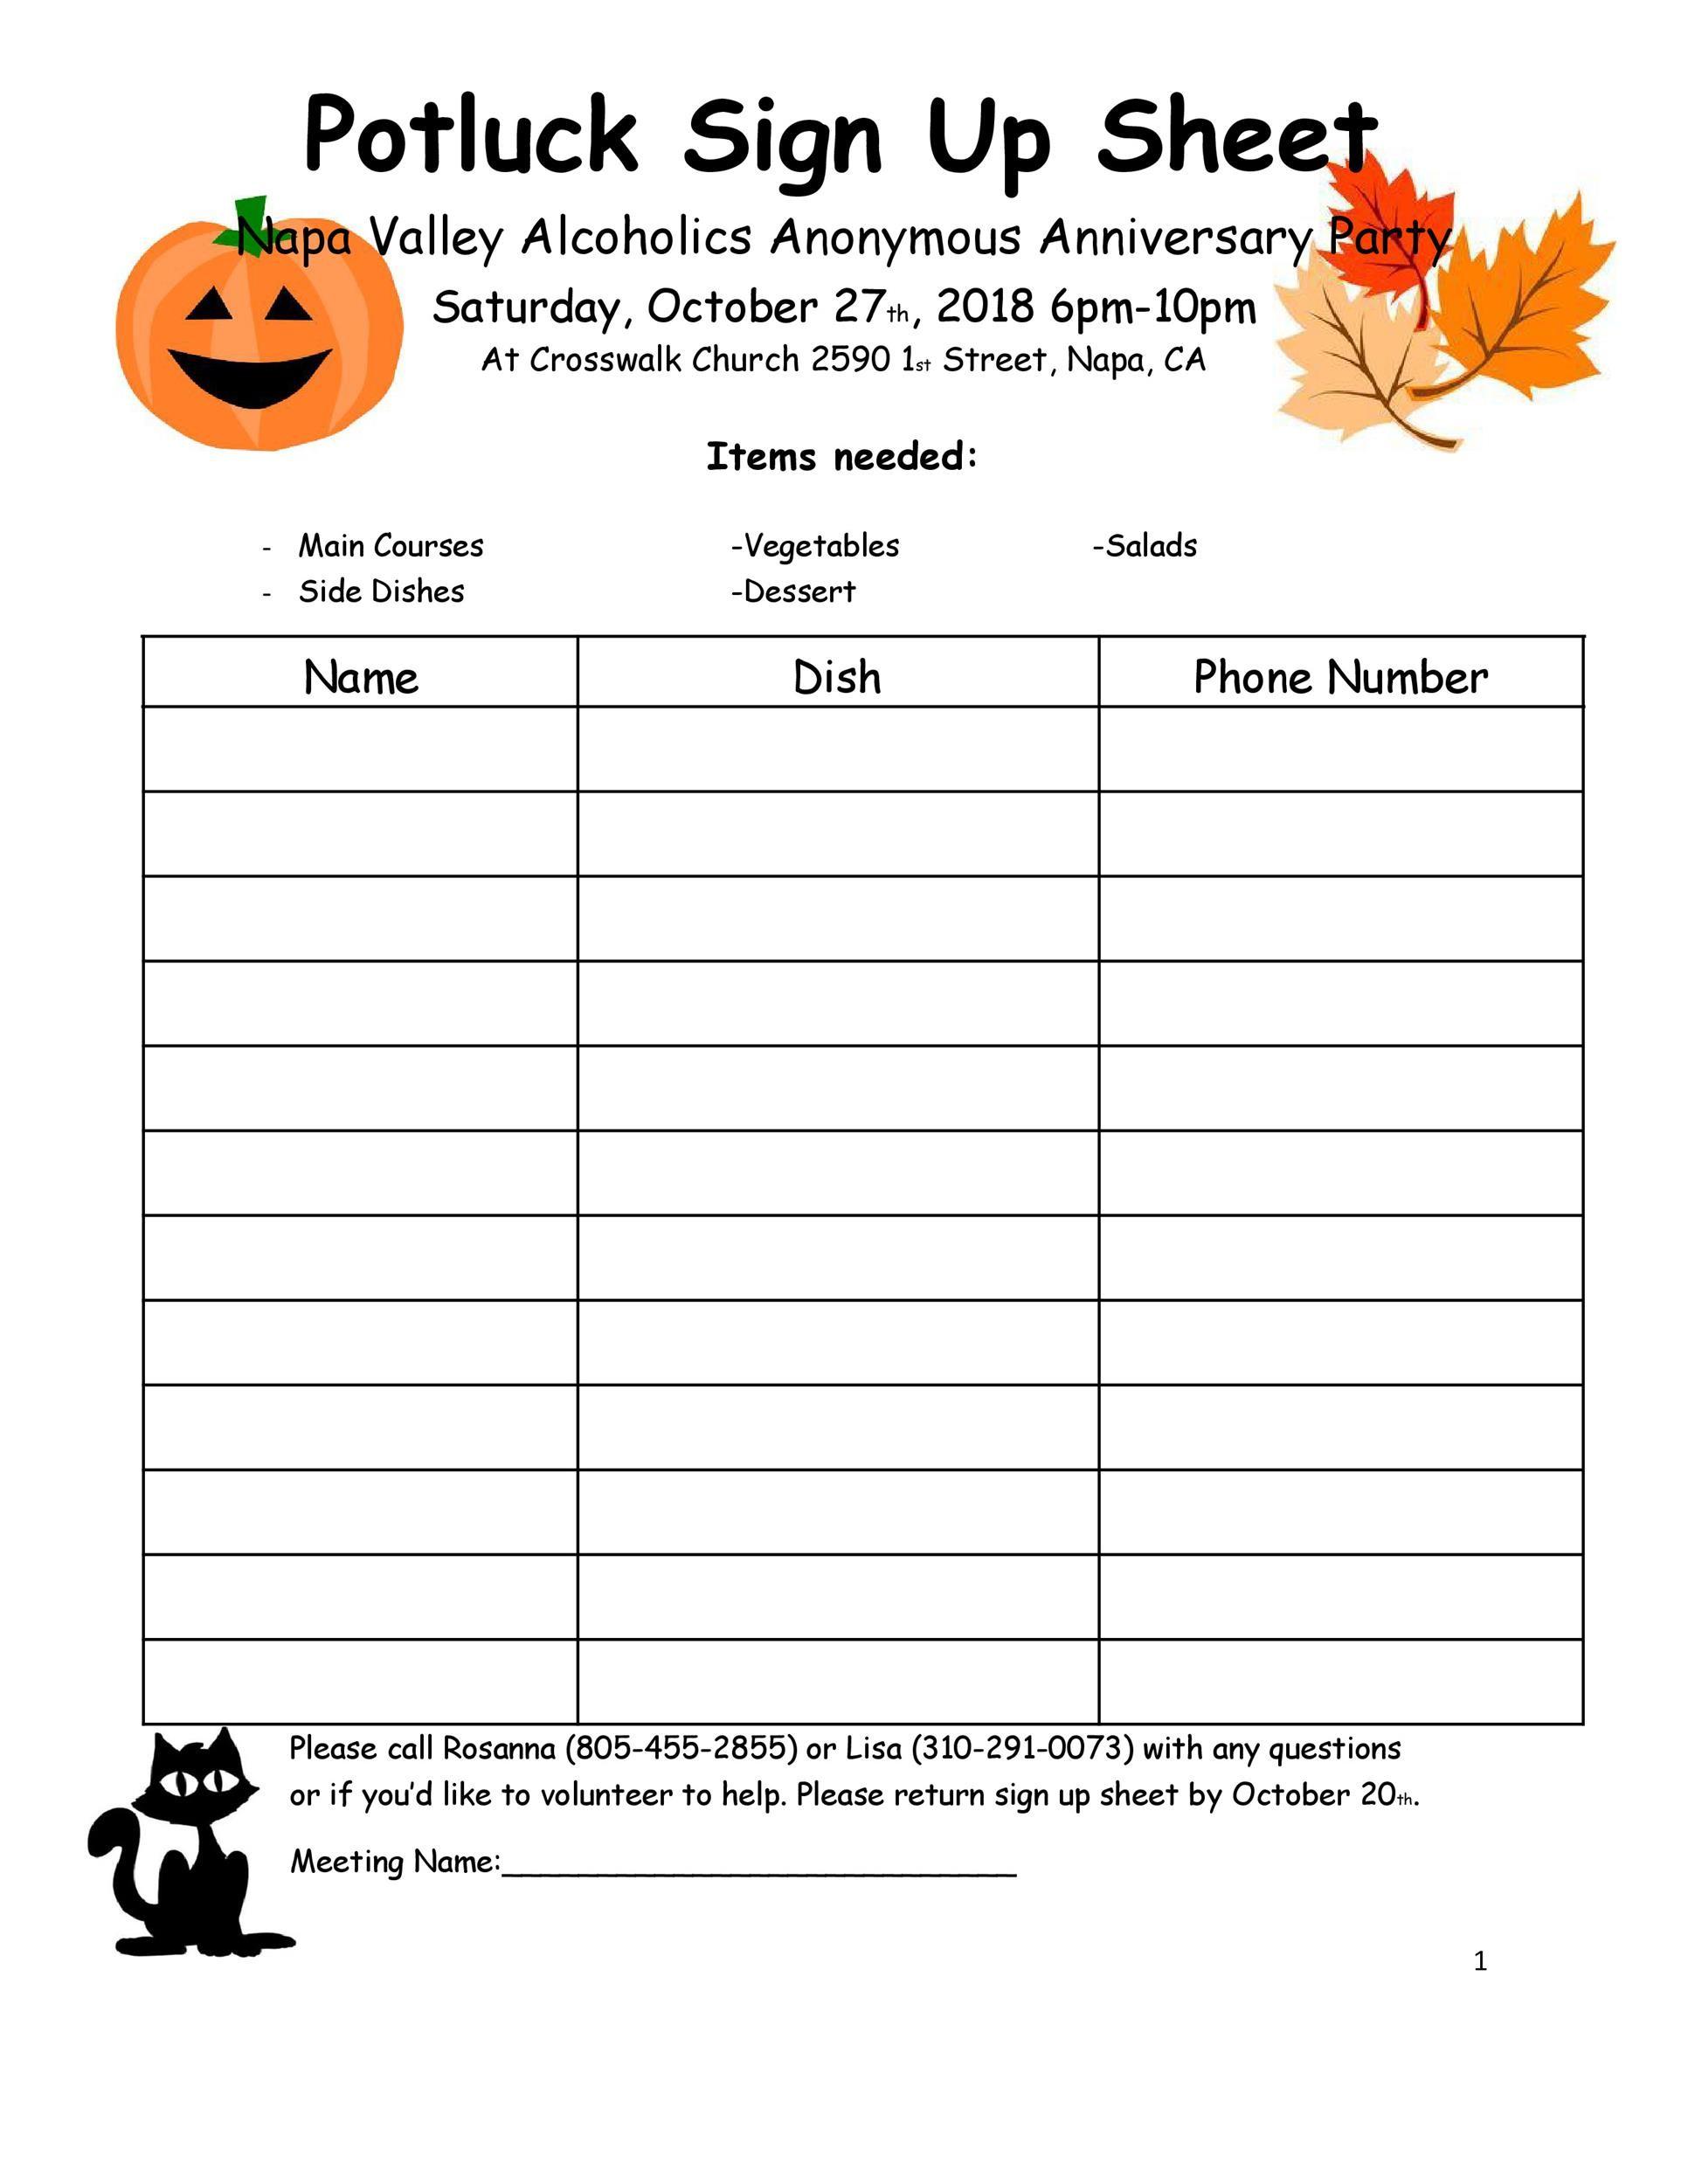 Free potluck sign up sheet 15